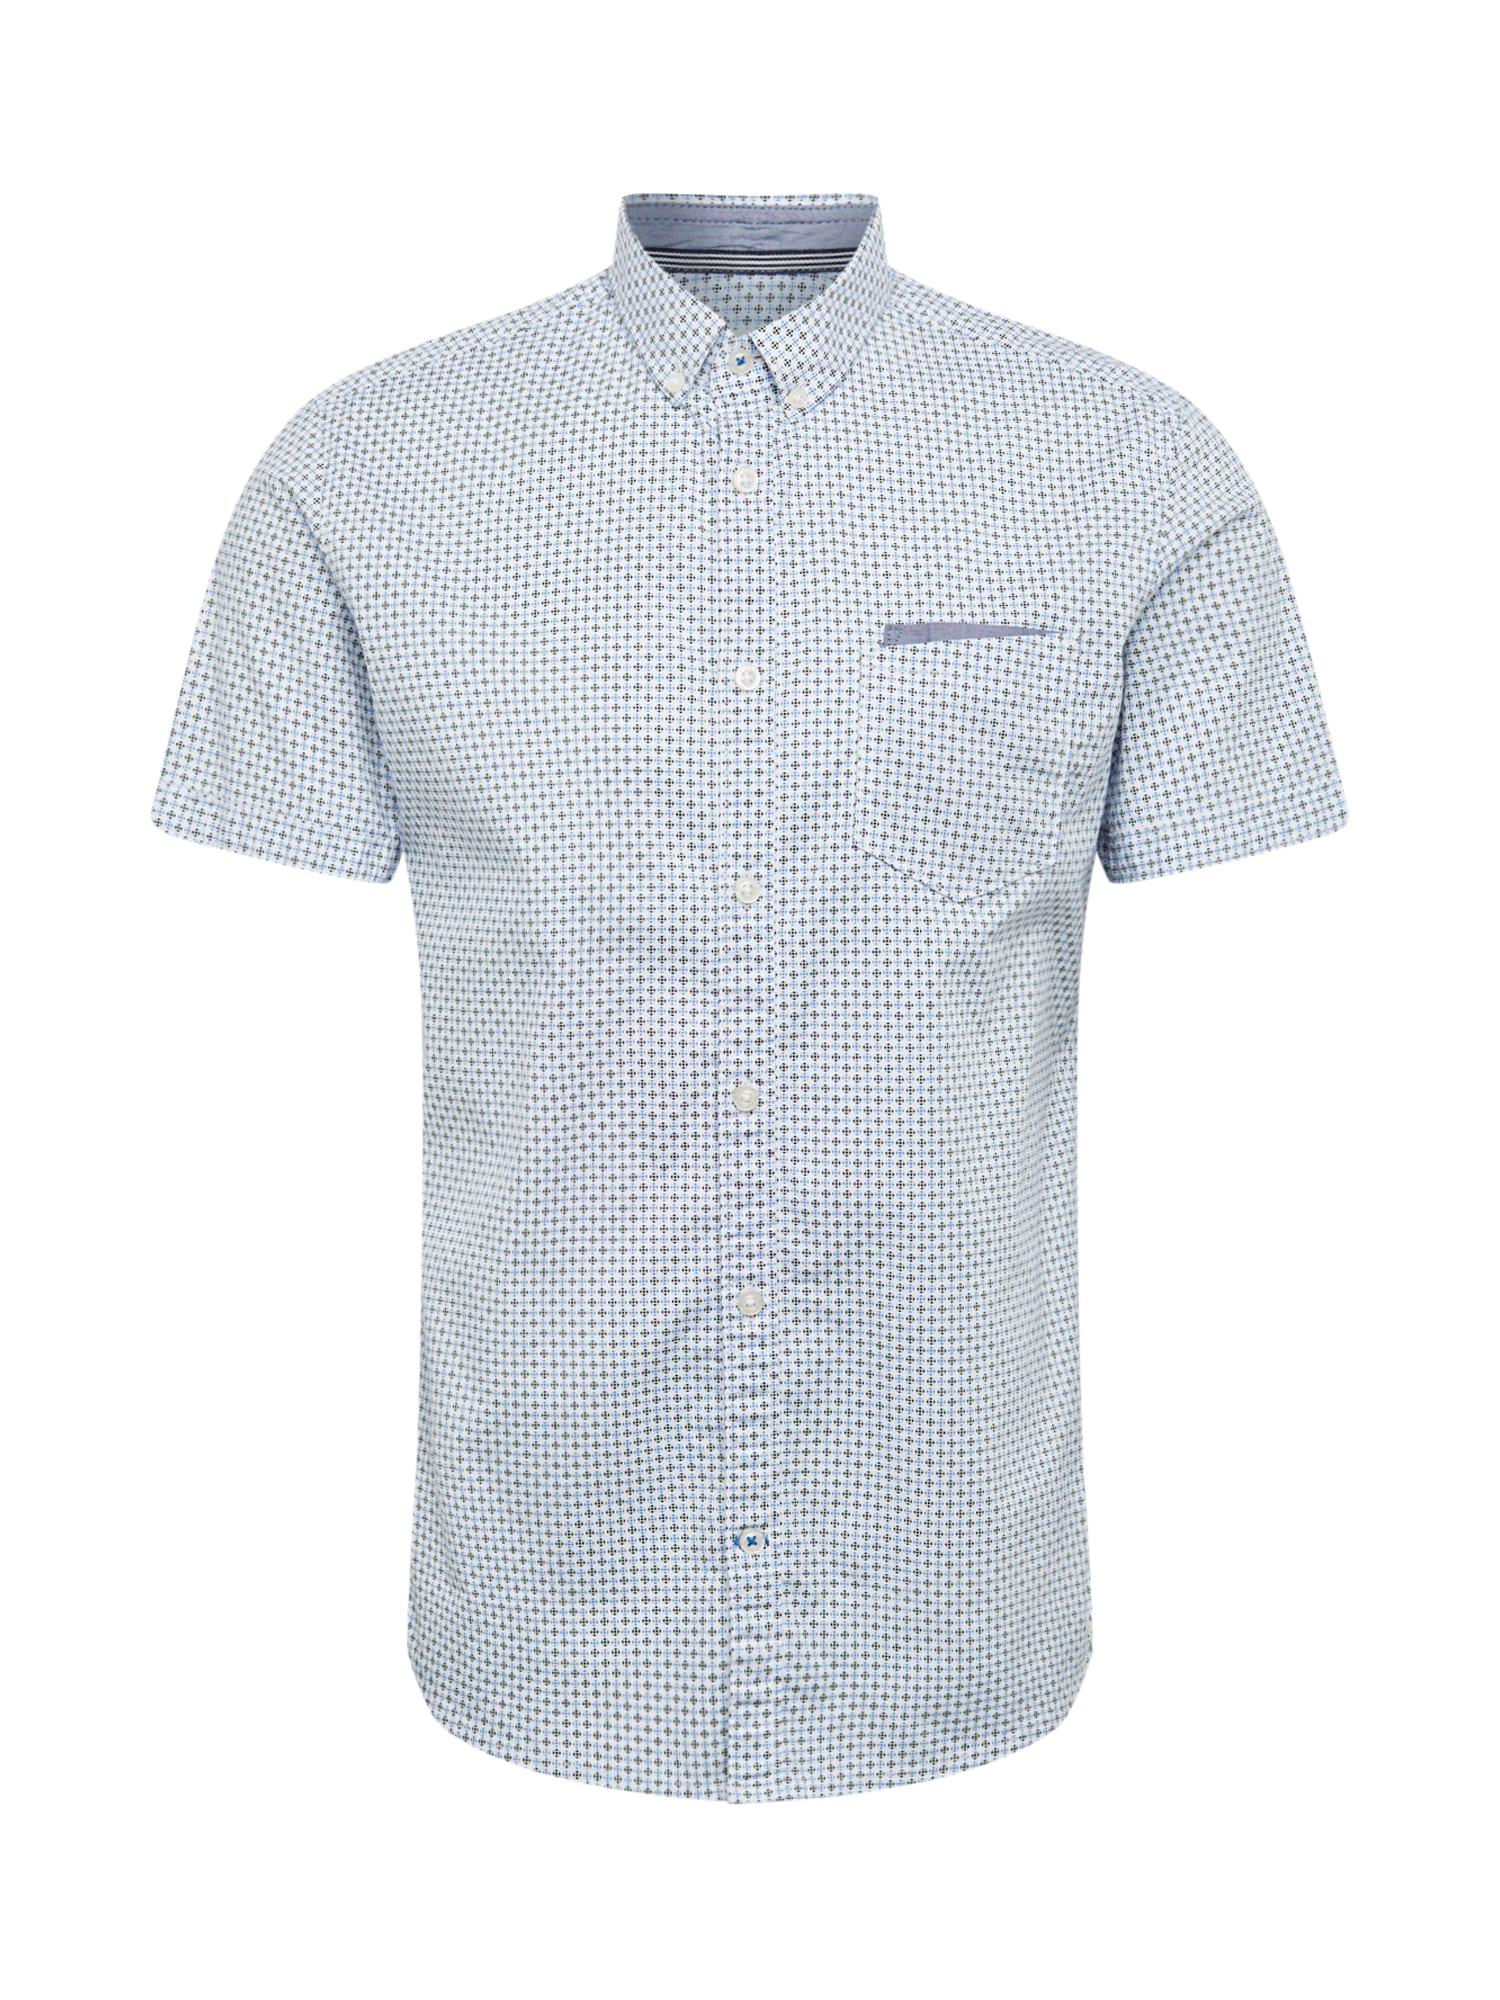 TOM TAILOR Dalykiniai marškiniai mėlyna / balta